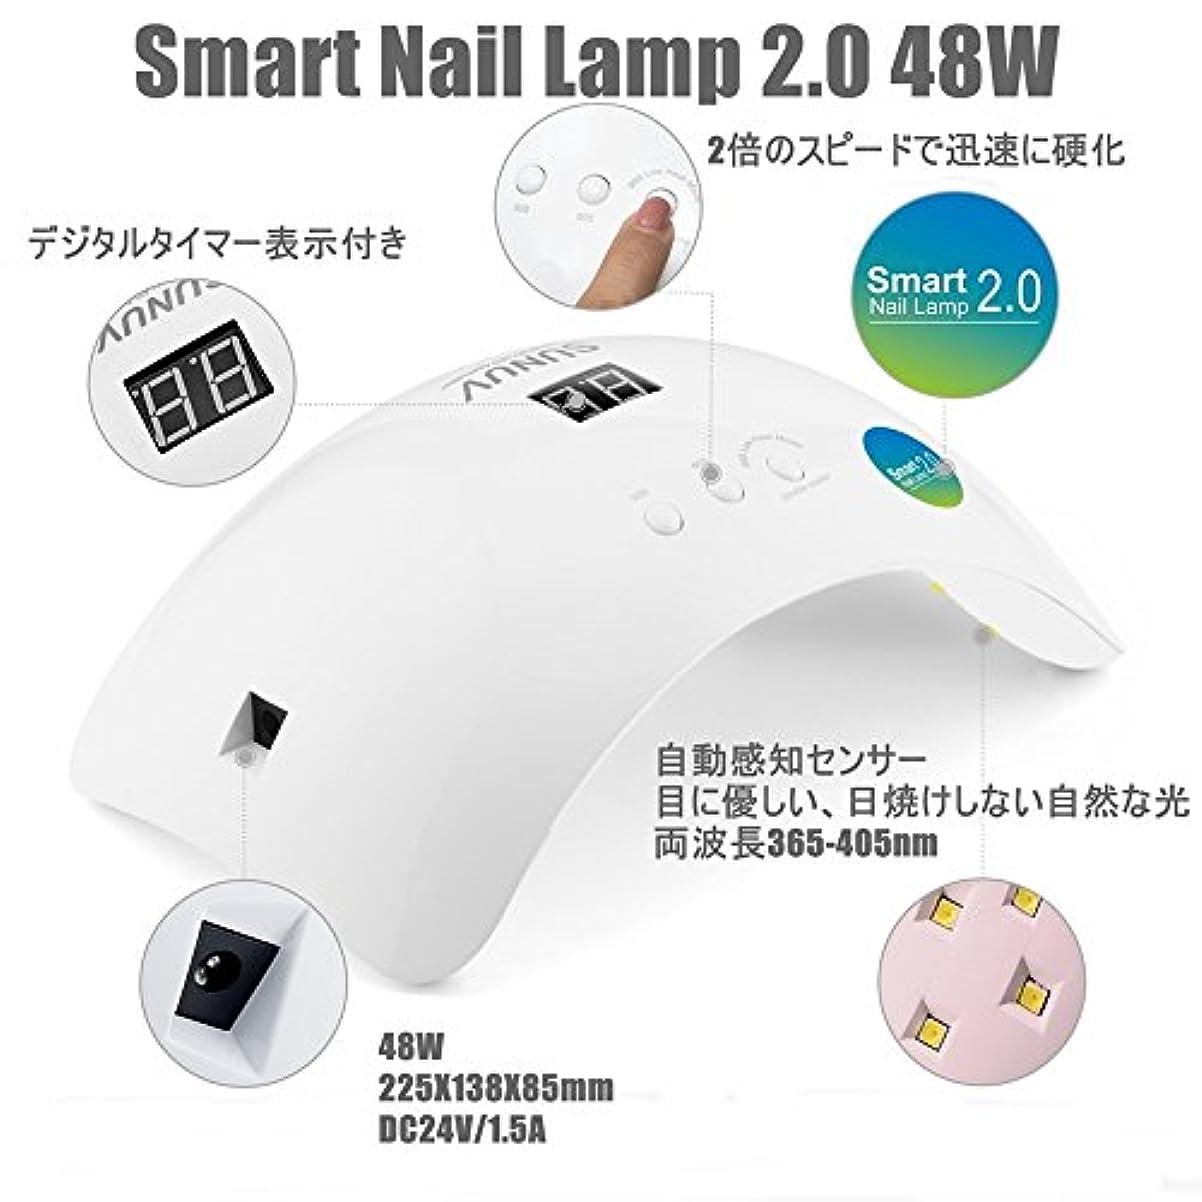 花束とティームベッドを作る【最新型】【国内6ヶ月保証】Smart Nail Lamp 2.0 48W【ジェルネイルレジン用ライト】